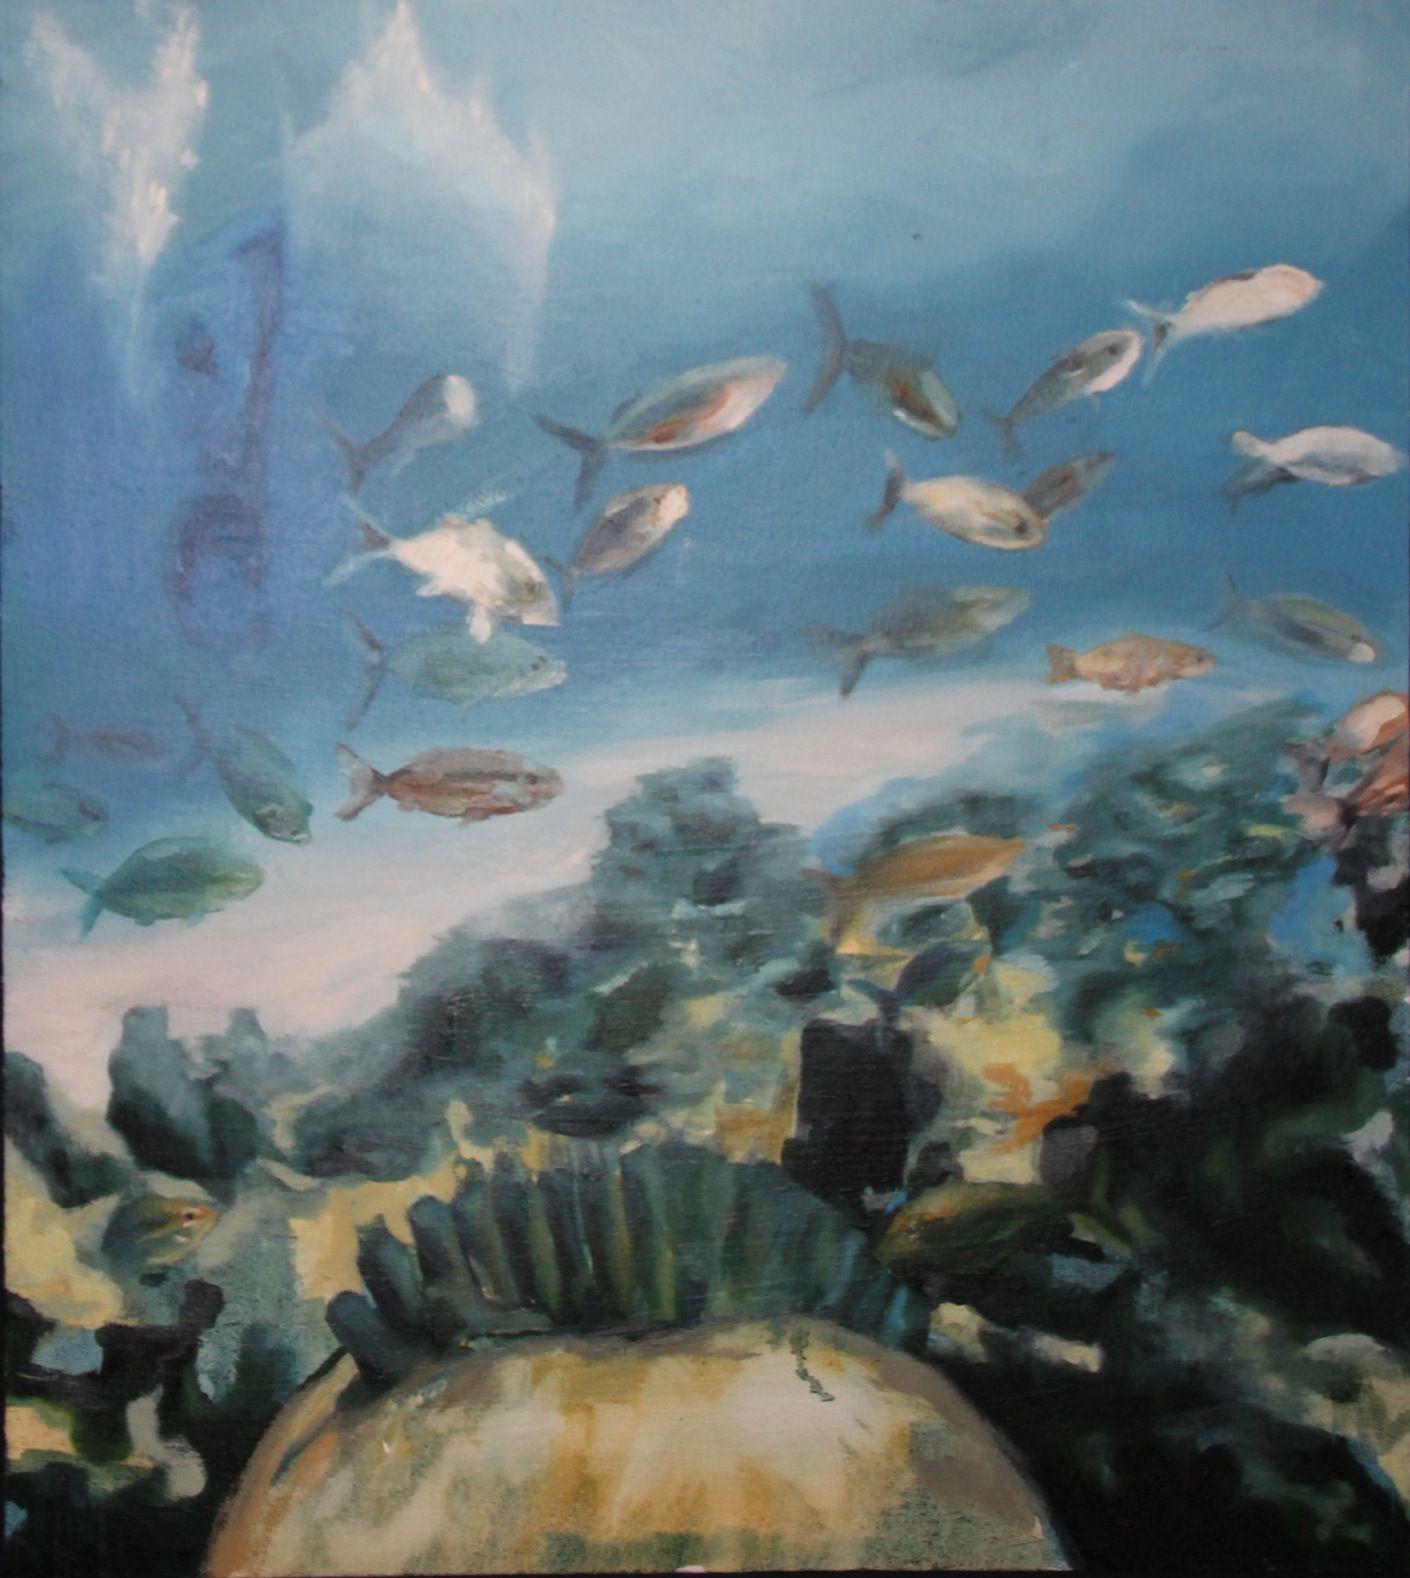 Arrecife 2. Arrecife venezolano, con algún buzo pescado. A partir de fotografía hecha por un amigo.